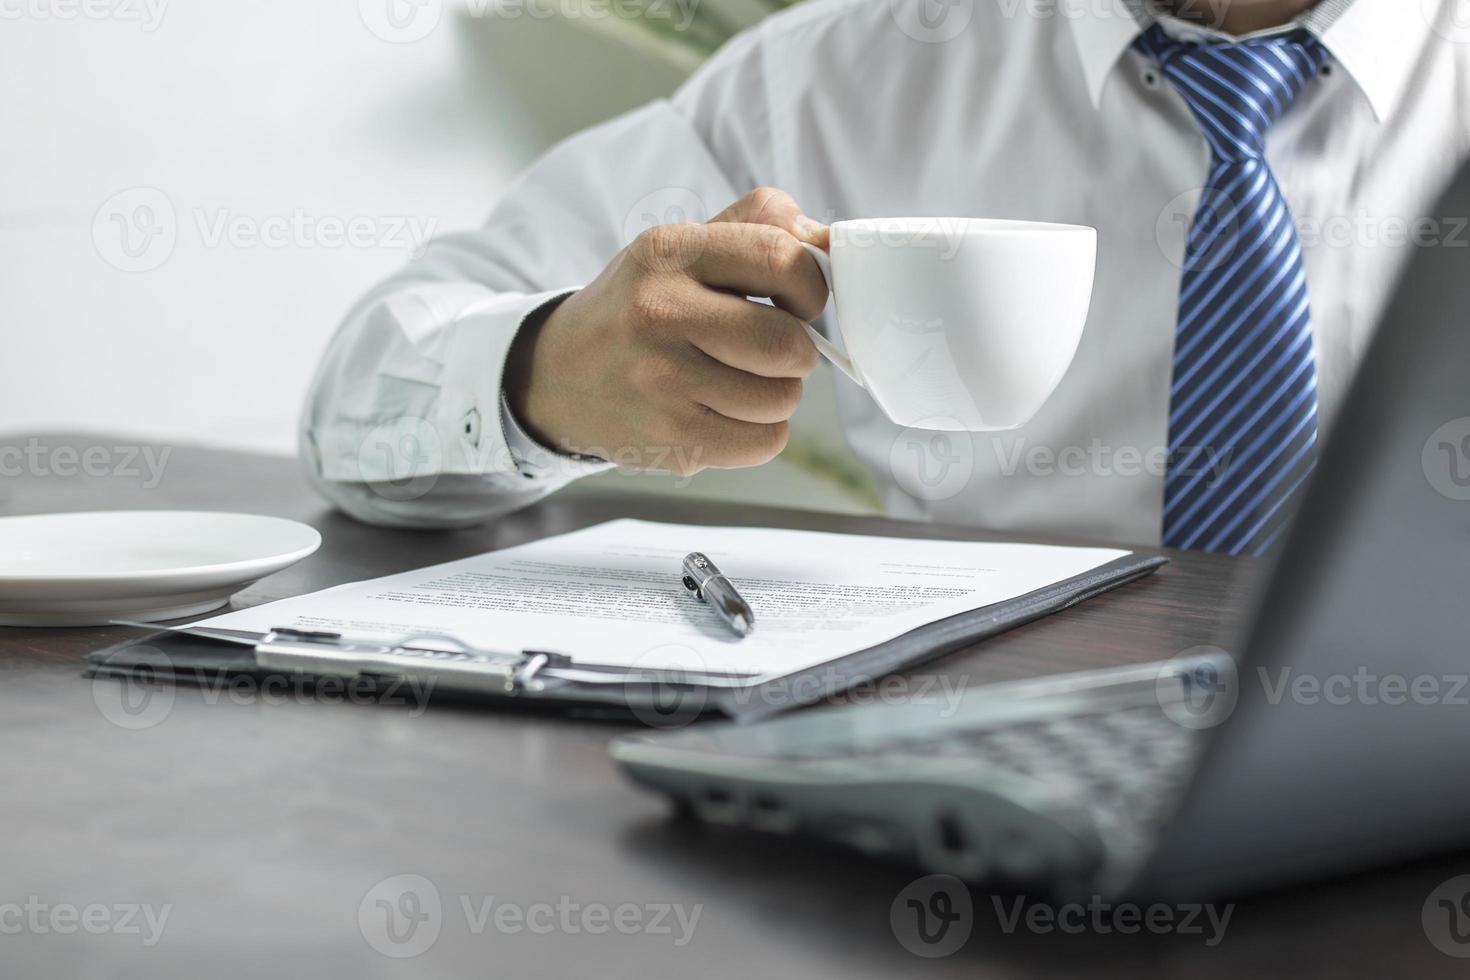 personne en cravate tenant une tasse de café photo